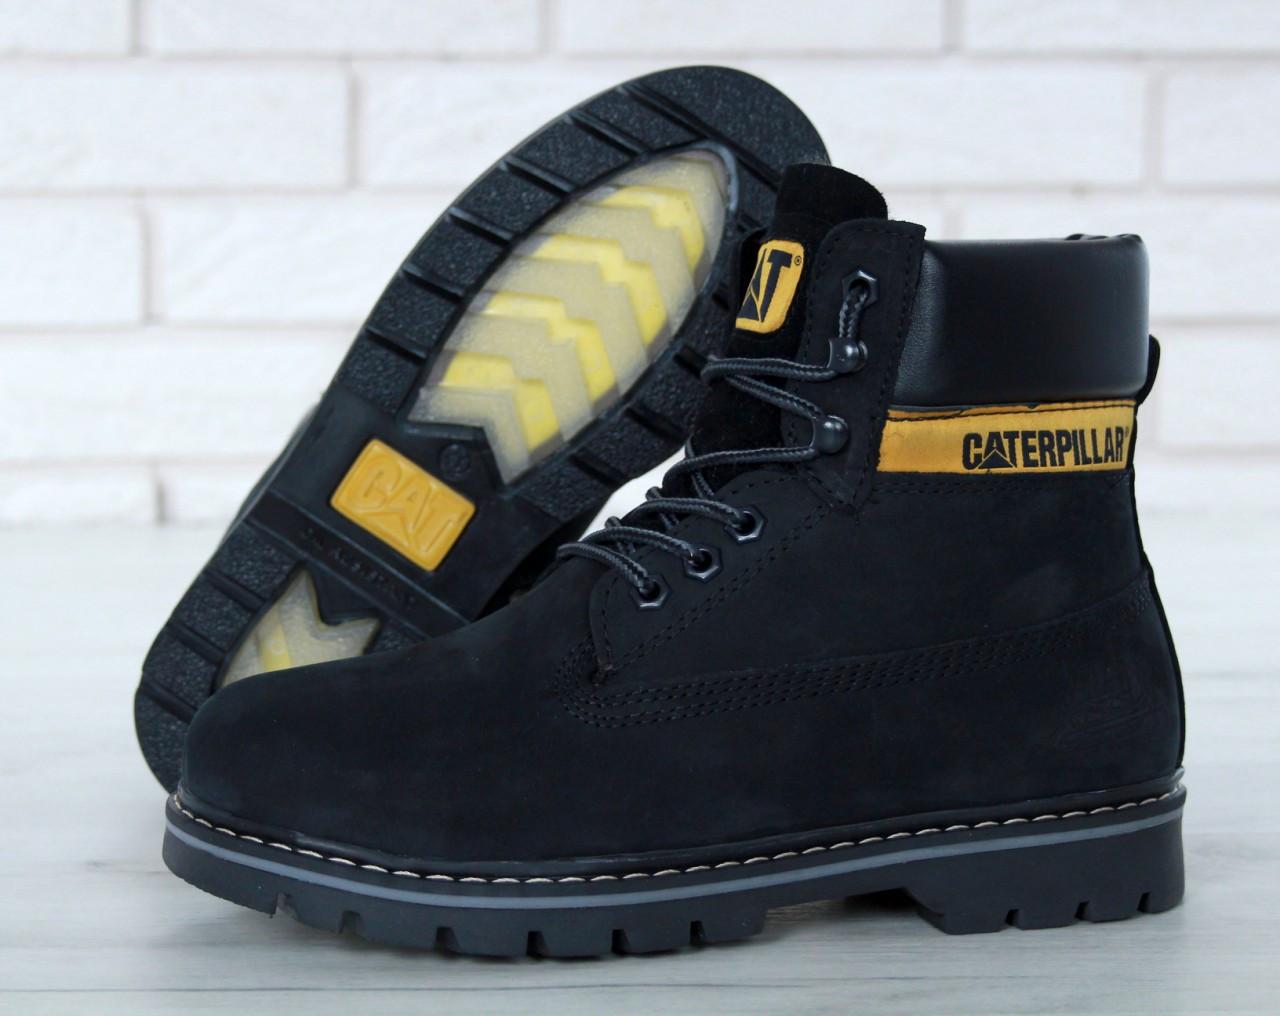 eb6b93c9c Женские зимние ботинки Caterpillar (CAT) черные, Катерпиллер на меху -